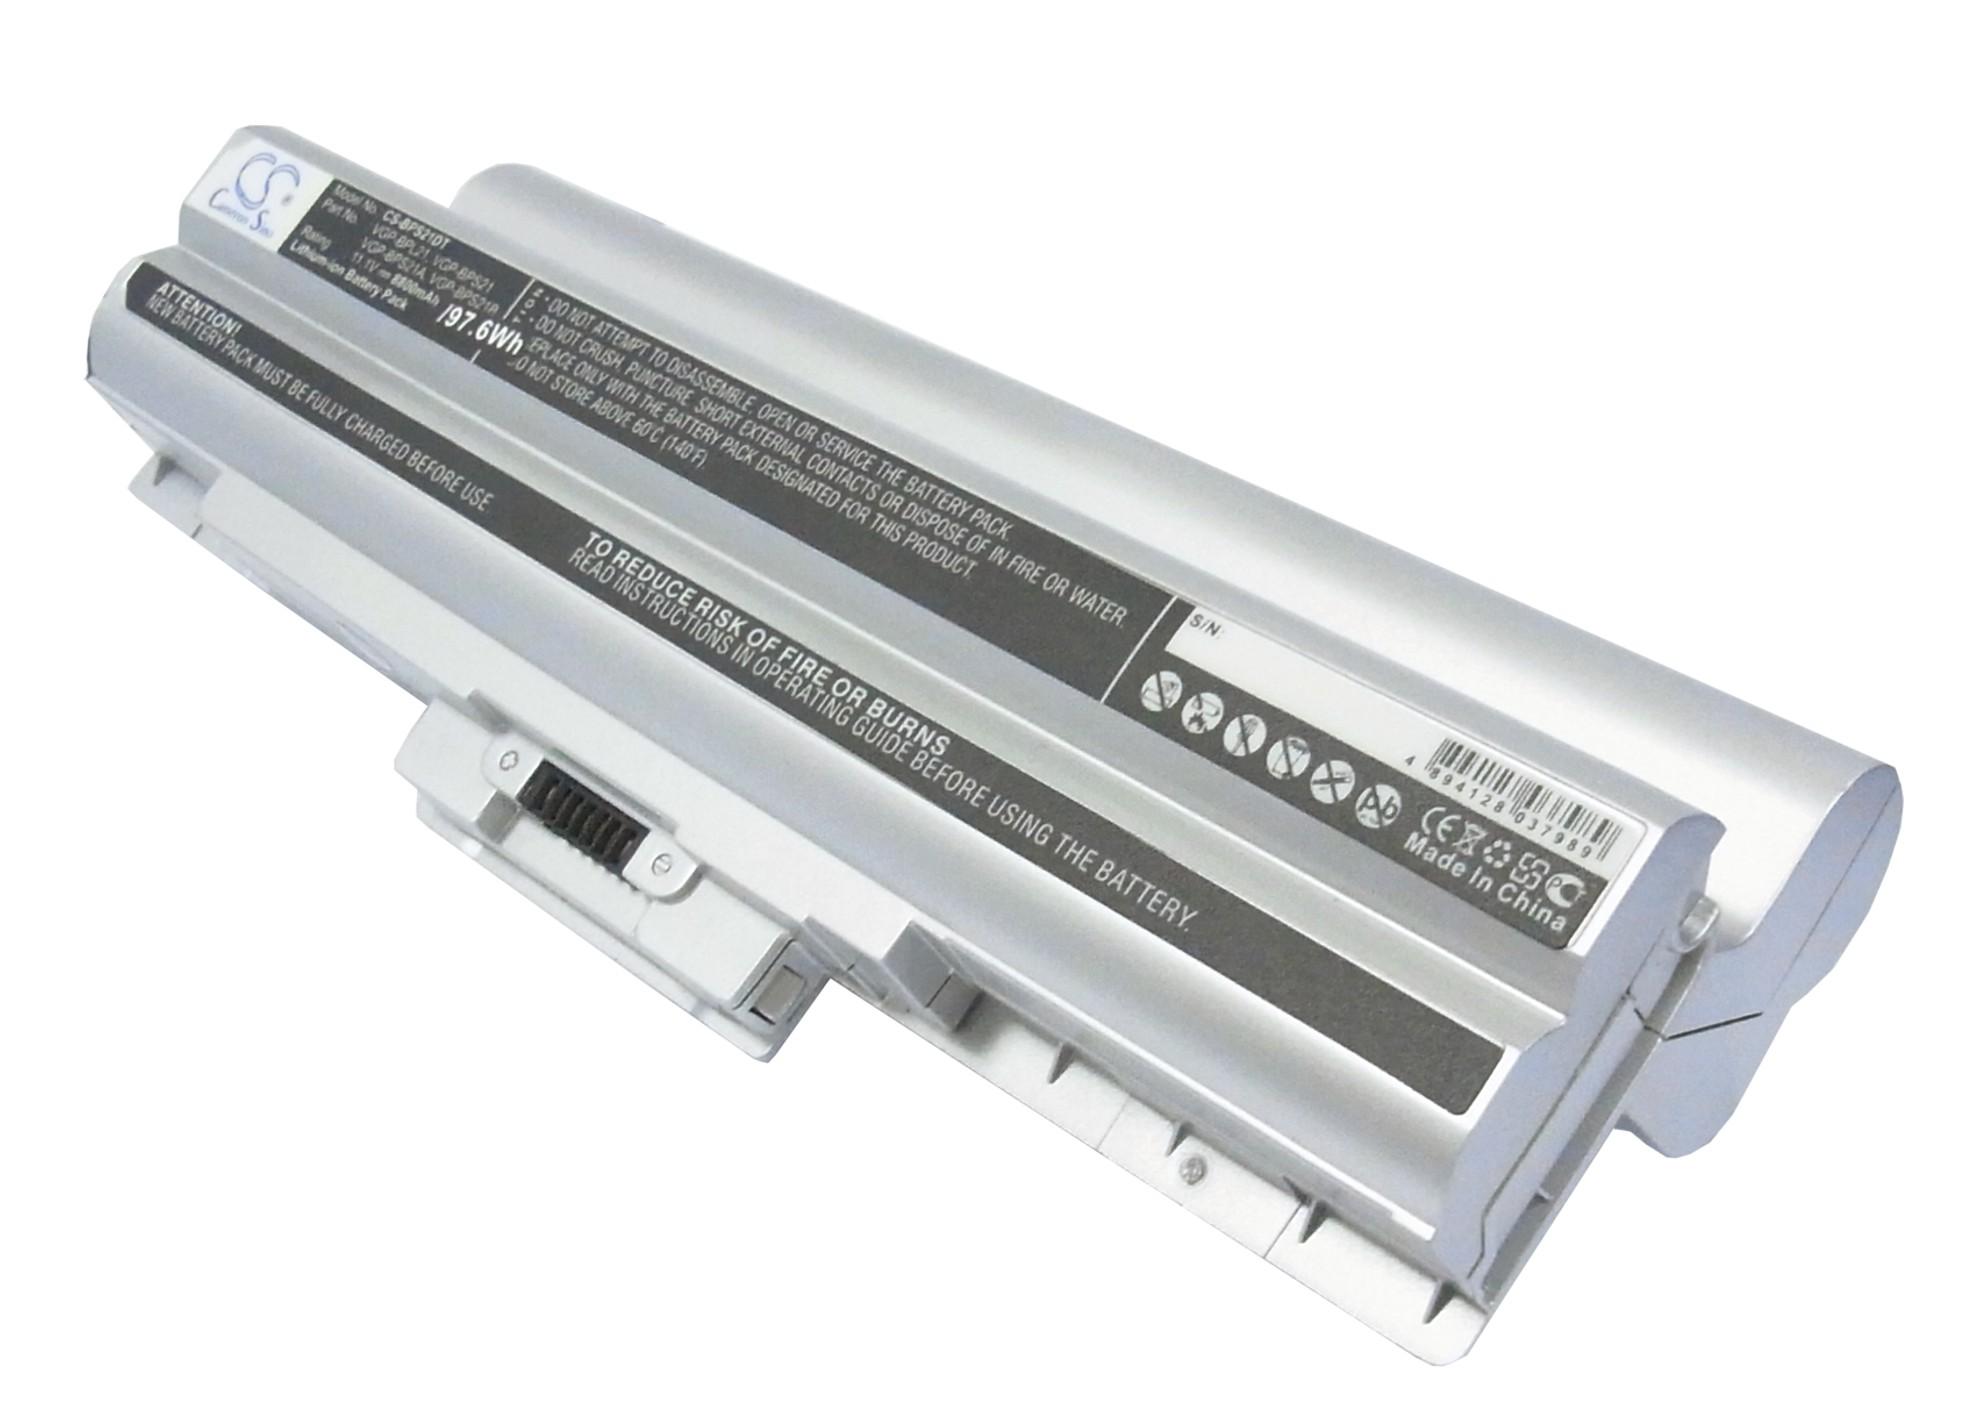 Cameron Sino baterie do notebooků pro SONY VAIO VPCY21S1E/P 11.1V Li-ion 8800mAh stříbrná - neoriginální